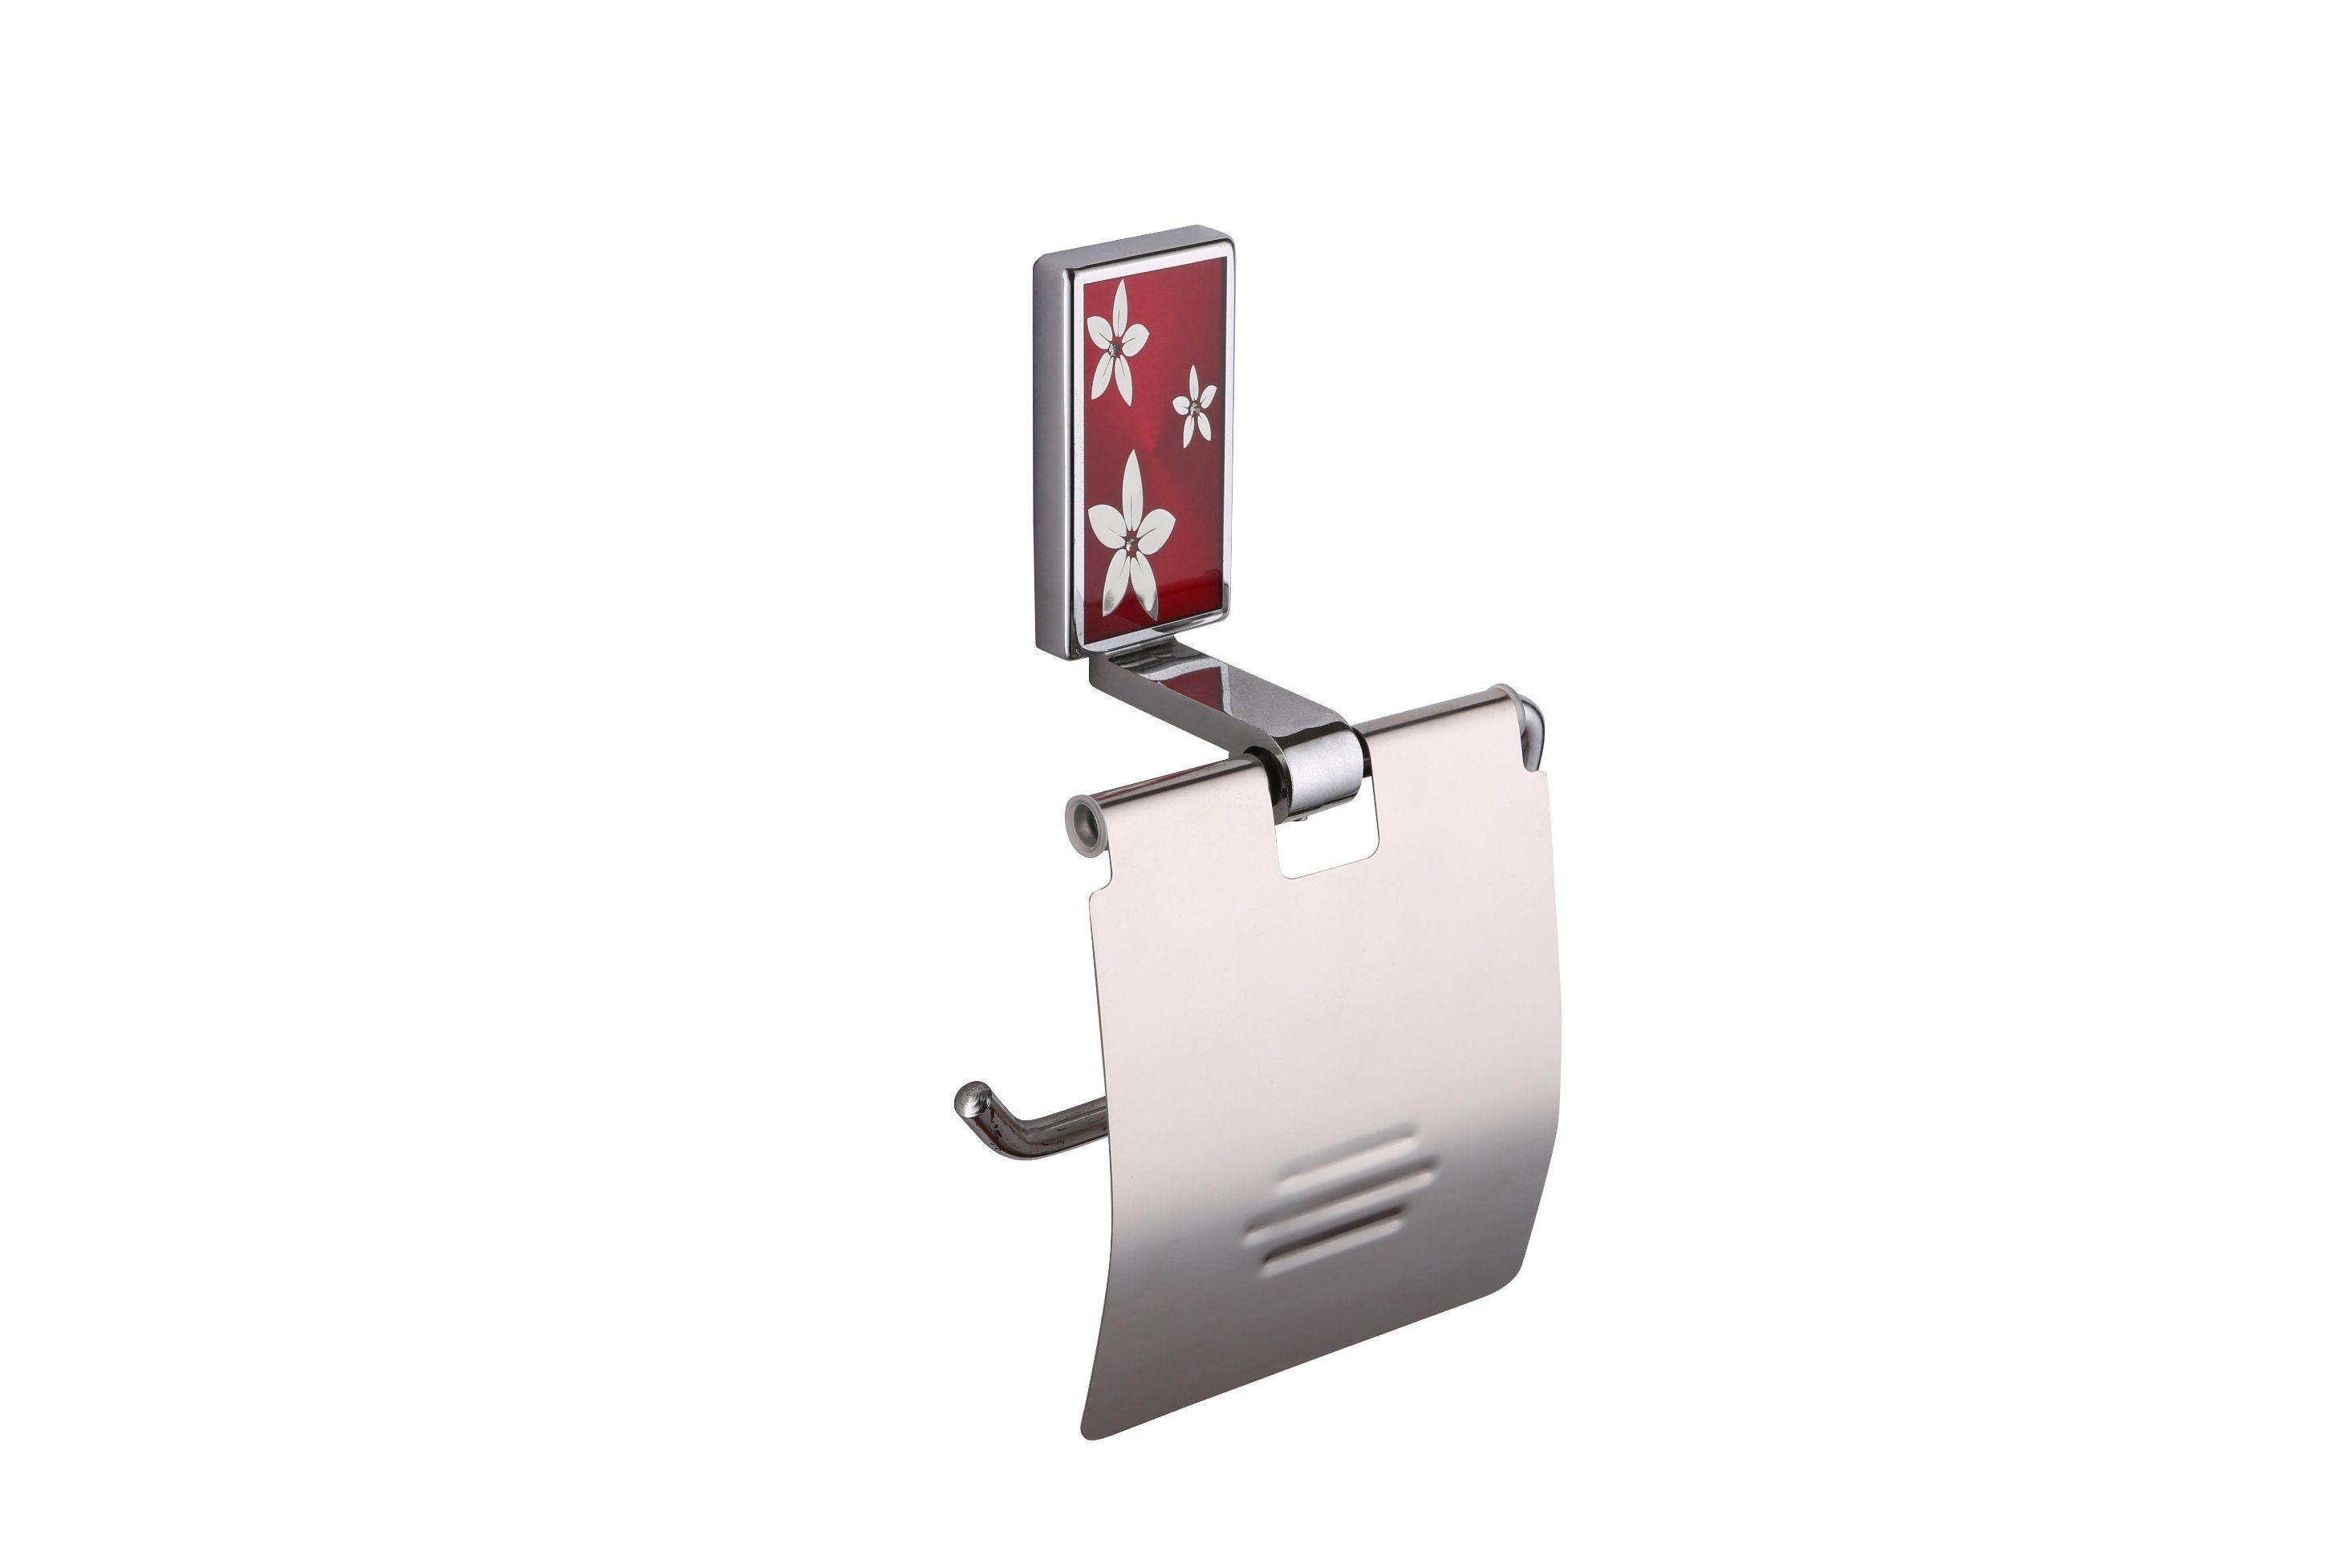 Bathroom Fitting (YSI021-4)